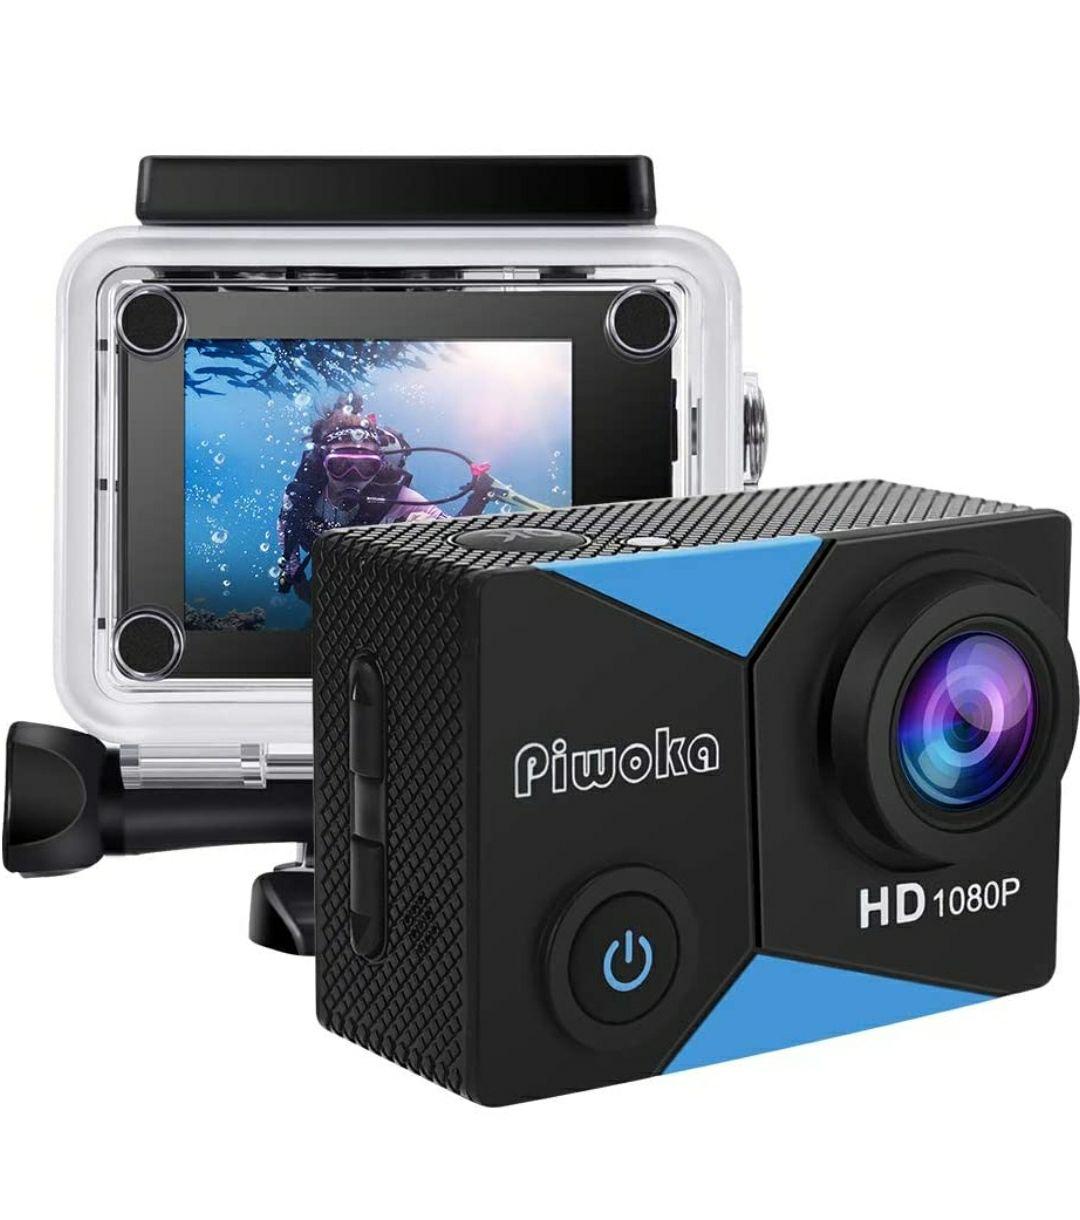 Piwoka Action Cam 1080P 12MP FHD 30M Impermeabile Fotocamera Subacquea con Schermo 2 Pollici 140 Gradi Ampia Vista Grandangolare